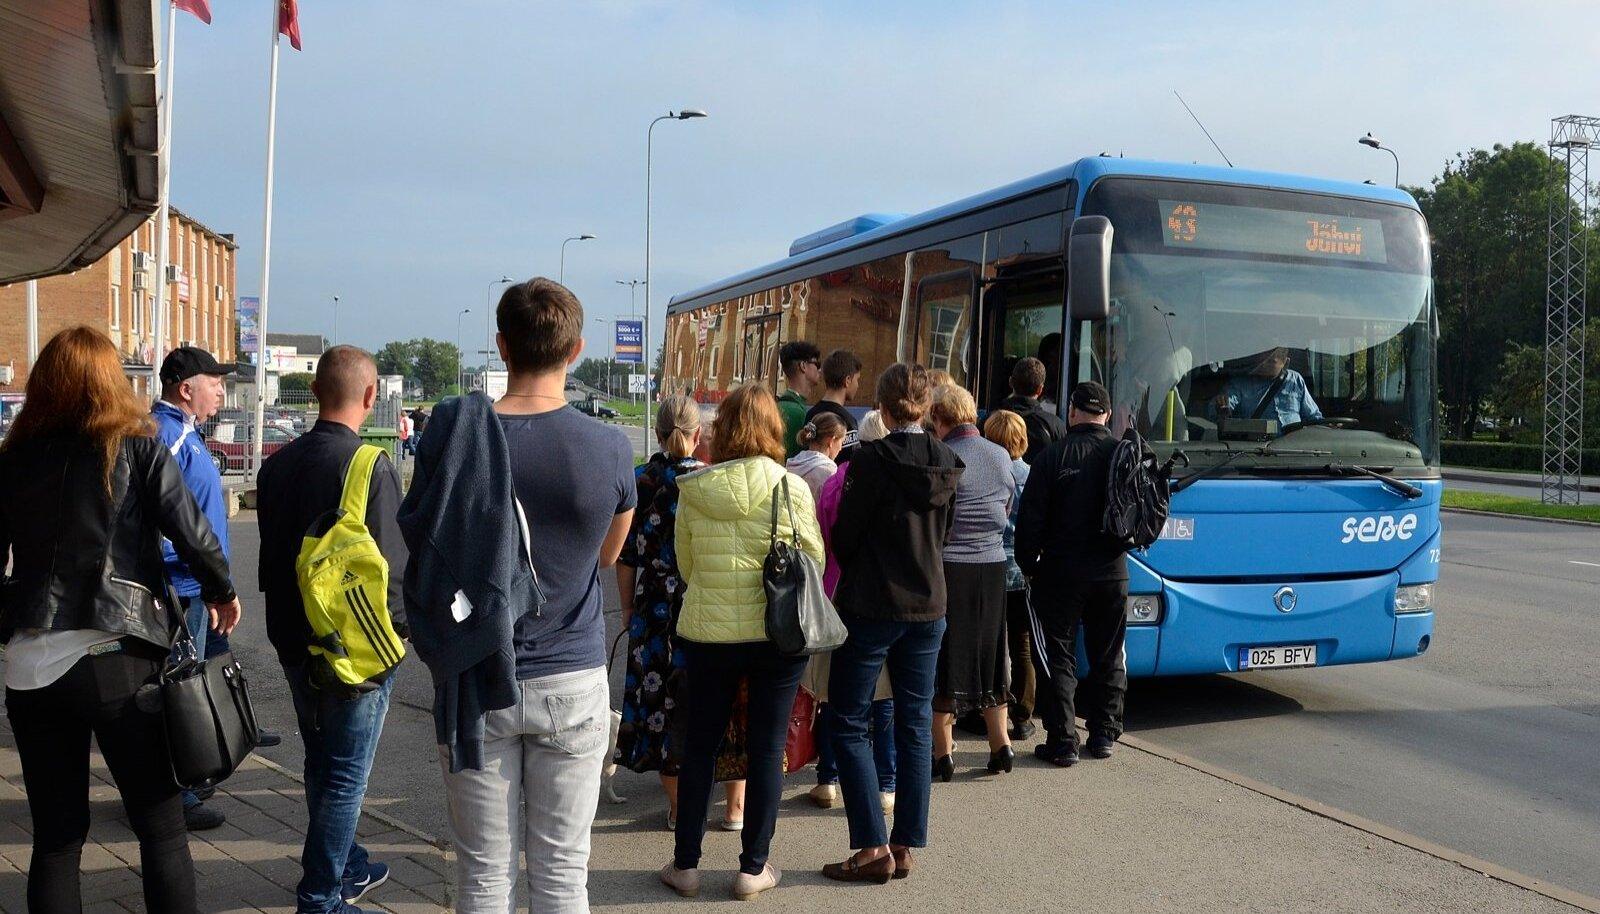 Ida-Viru ühistranspordikeskuse korraldatavate bussiliinidega on tänavu üheksa kuuga sõitnud 2,08 miljonit reisijat.